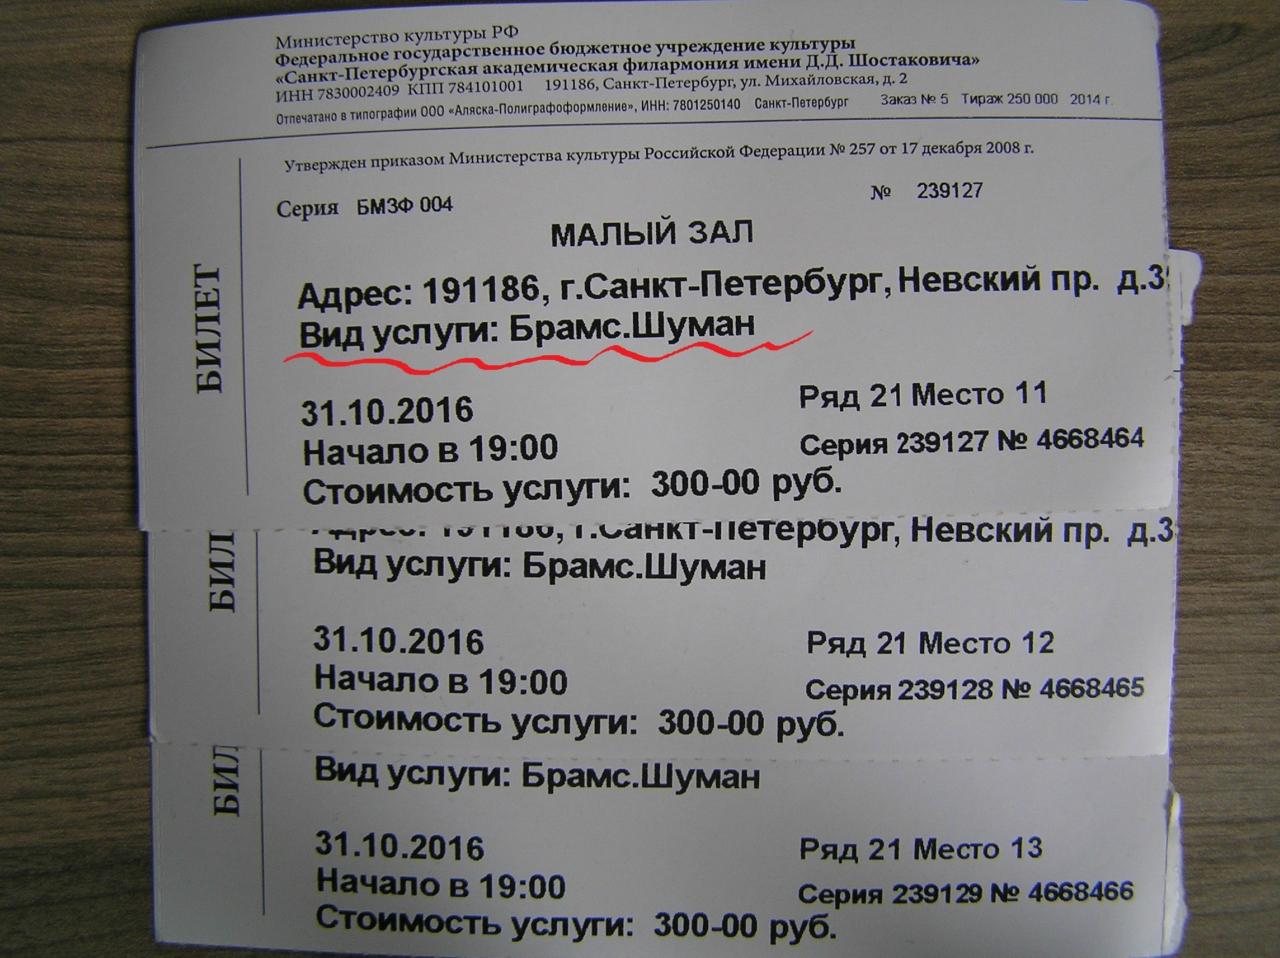 СПб. филармония Мединский 04.JPG